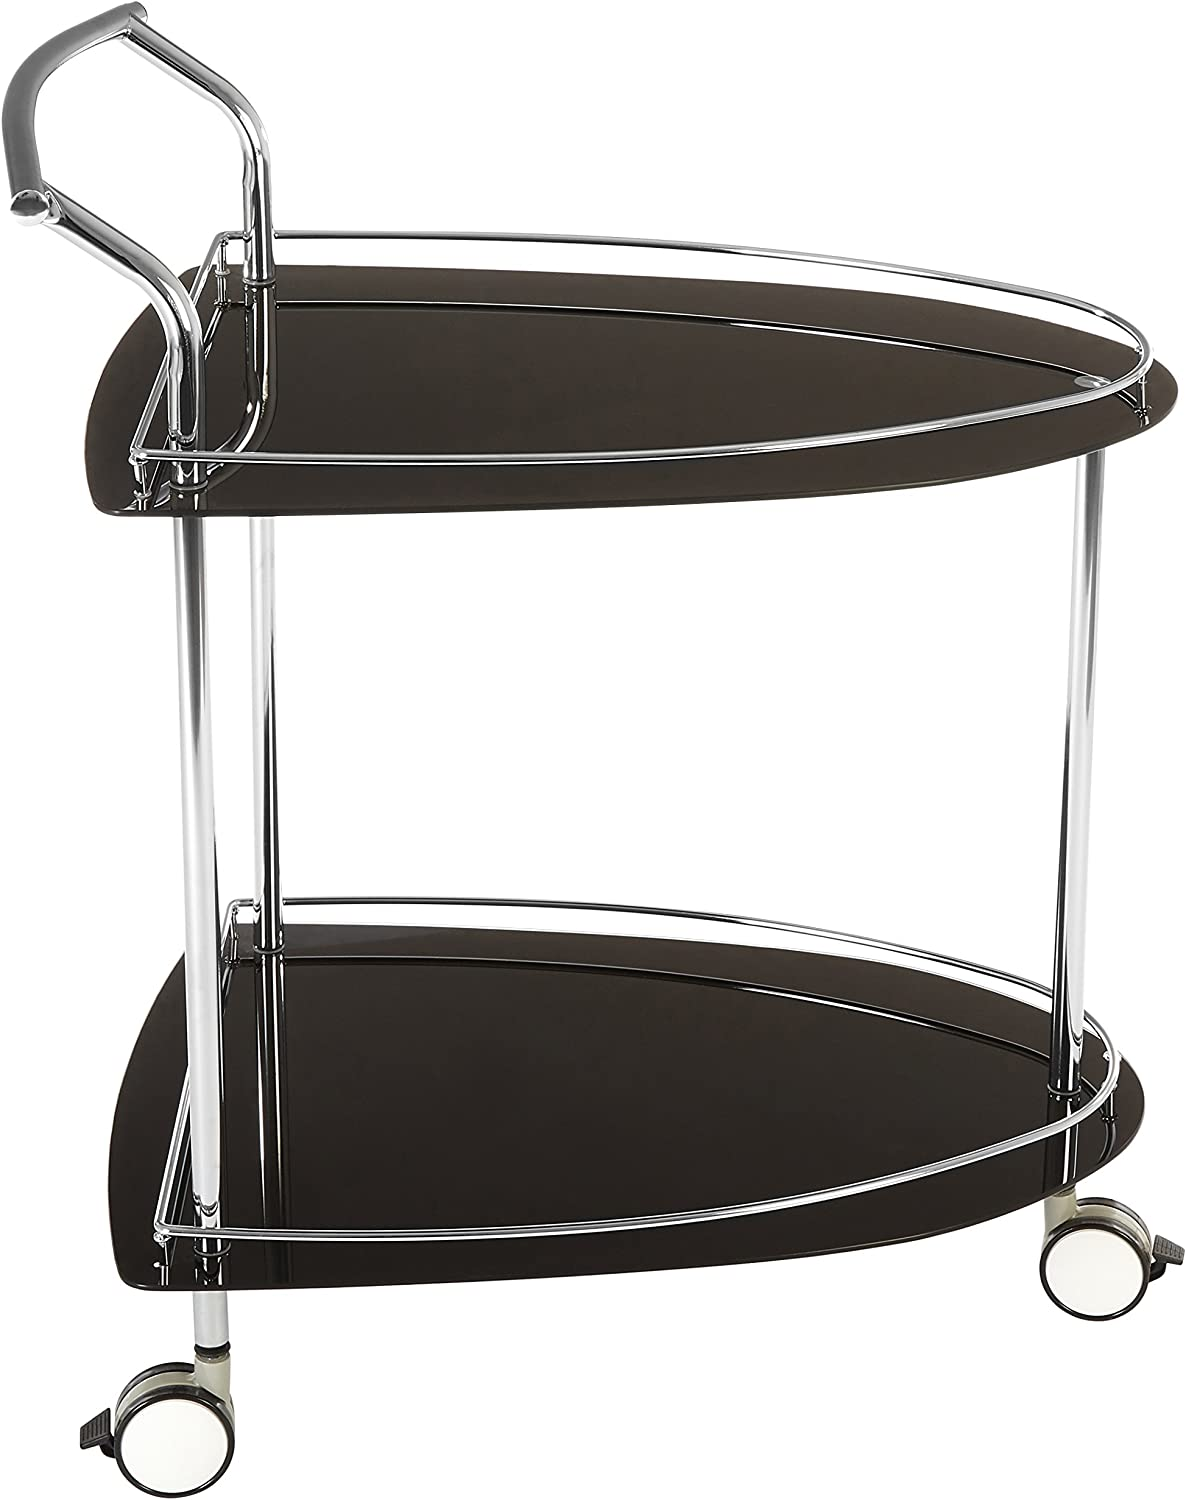 84 x 82 x 52 cm Premier Housewares carrello con due piani in vetro nero e telaio cromato forma triangolare